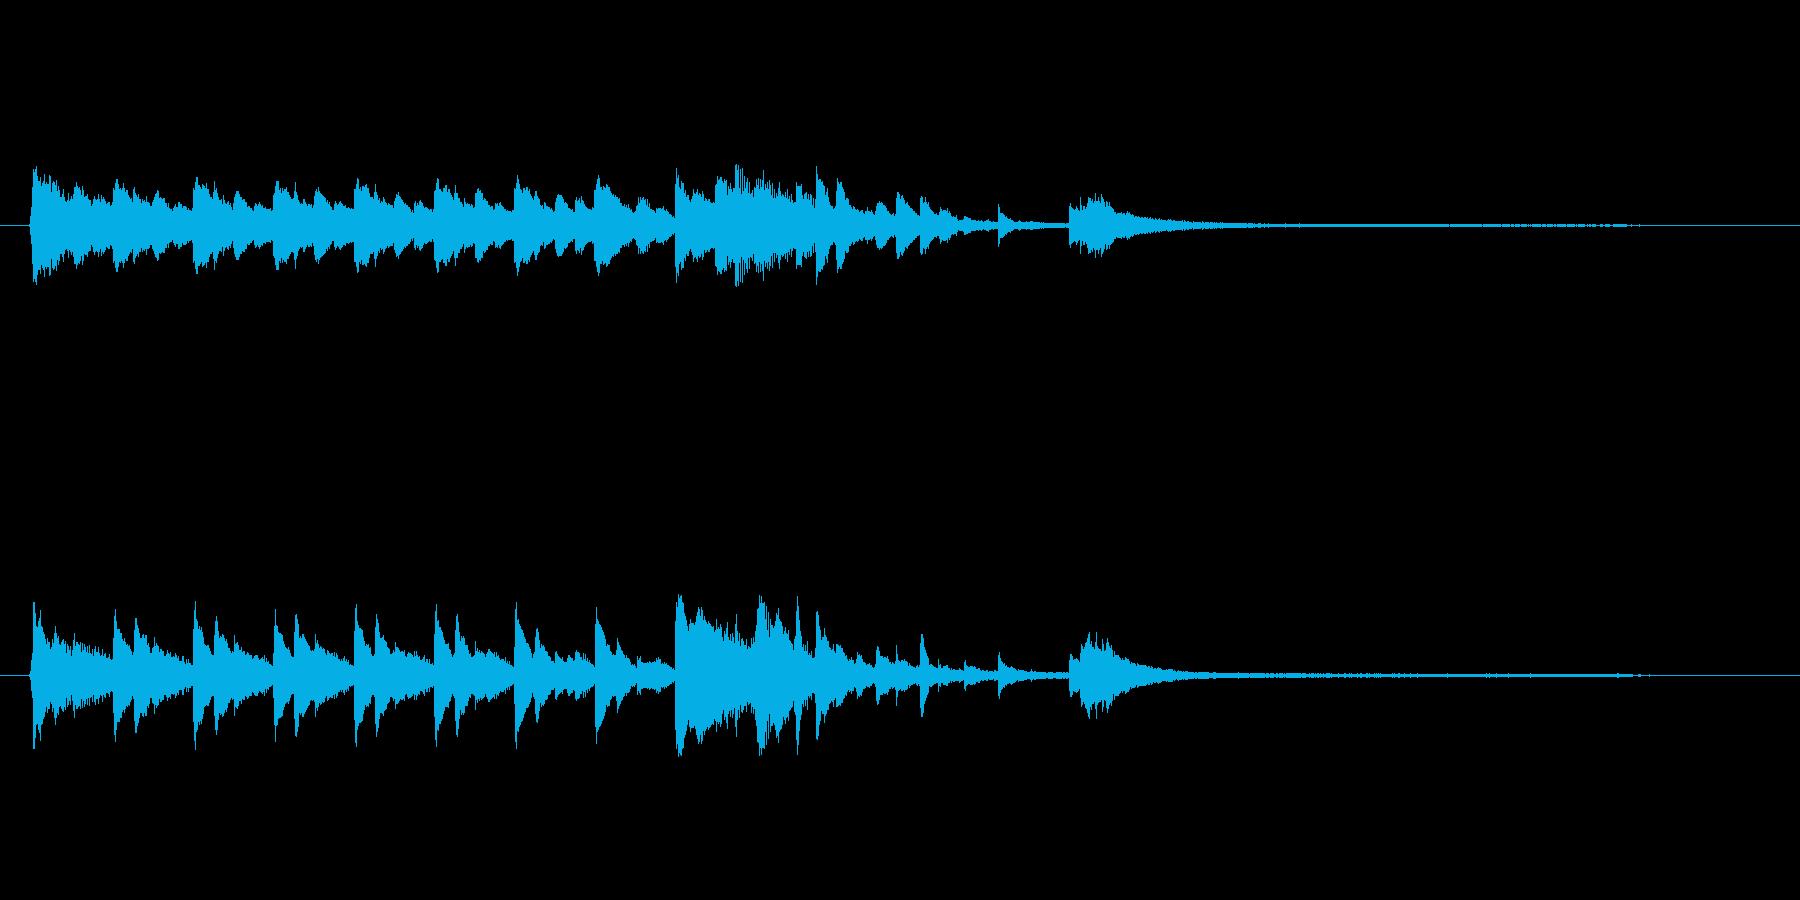 きれいなピアノの音色でロゴ、ジングルの再生済みの波形